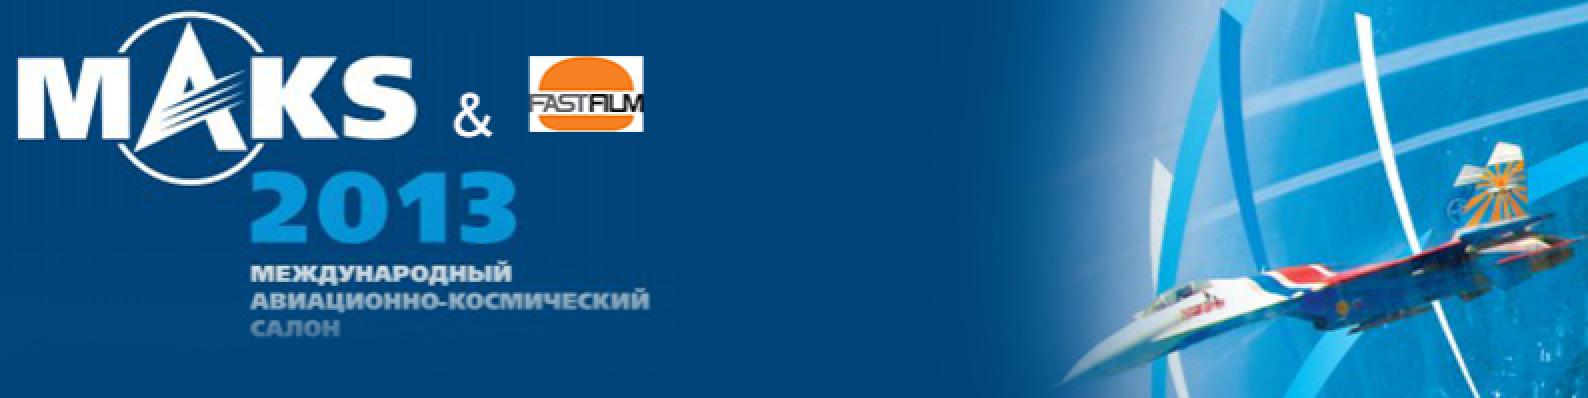 Maks2013 +FF